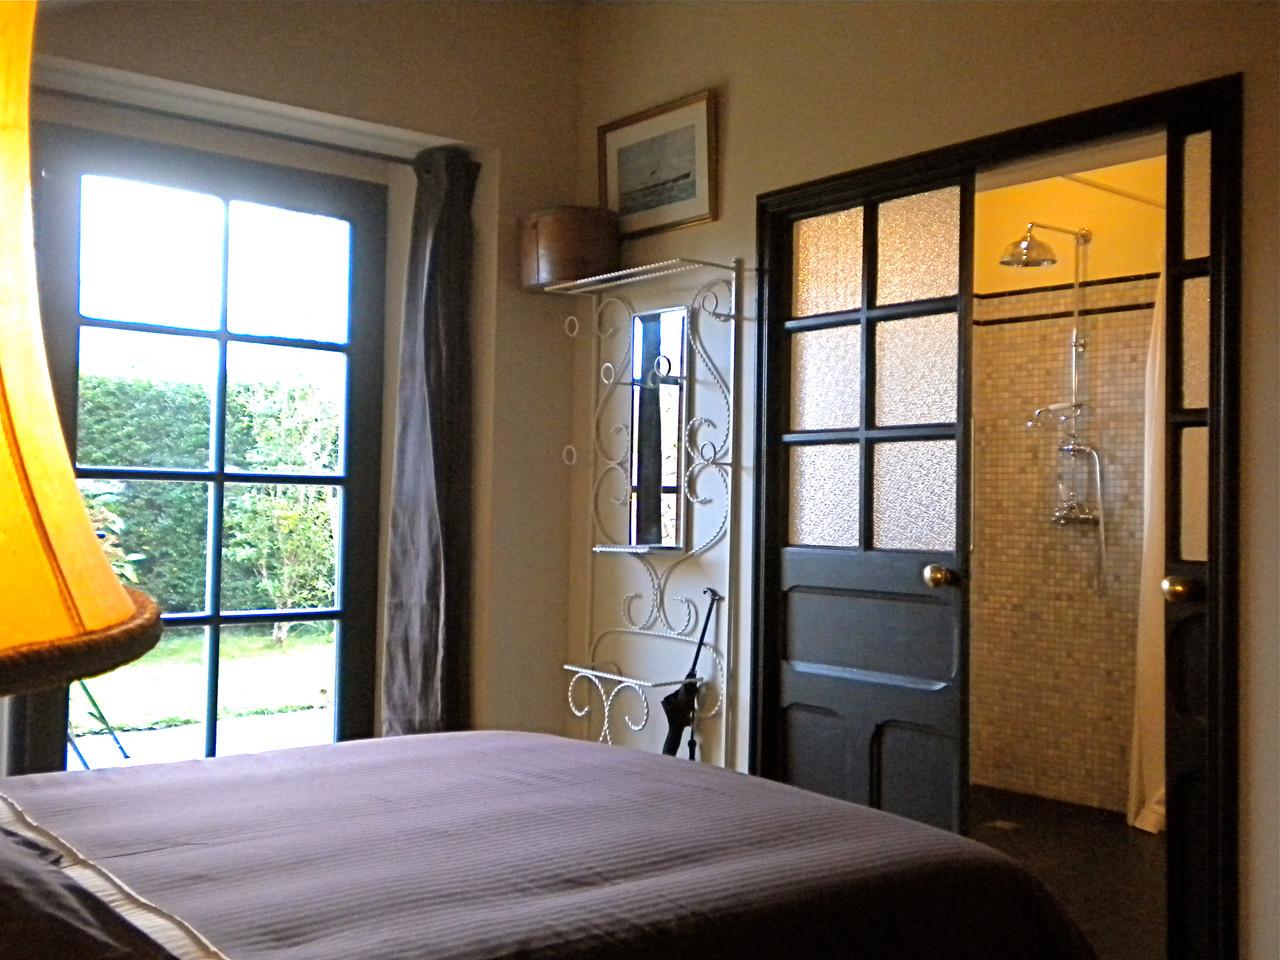 La chambre et la salle de bain des voyageurs